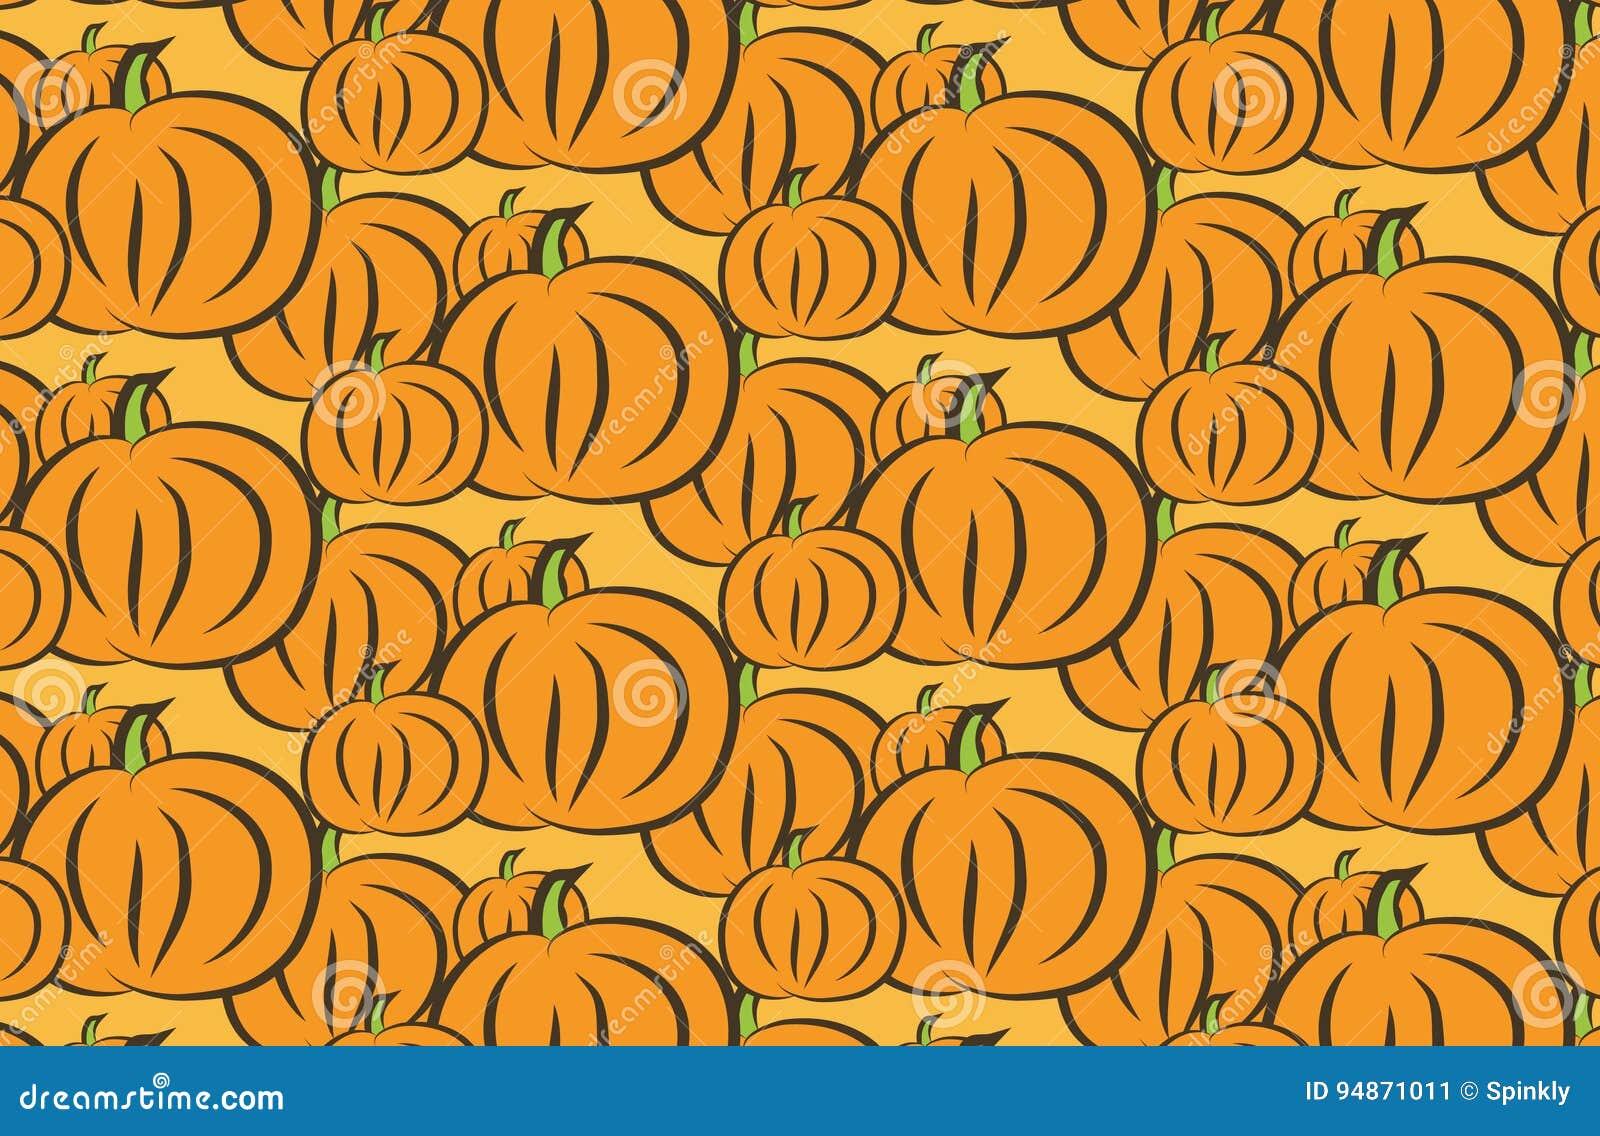 Thanksgiving Wallpaper Stock Illustration Illustration Of